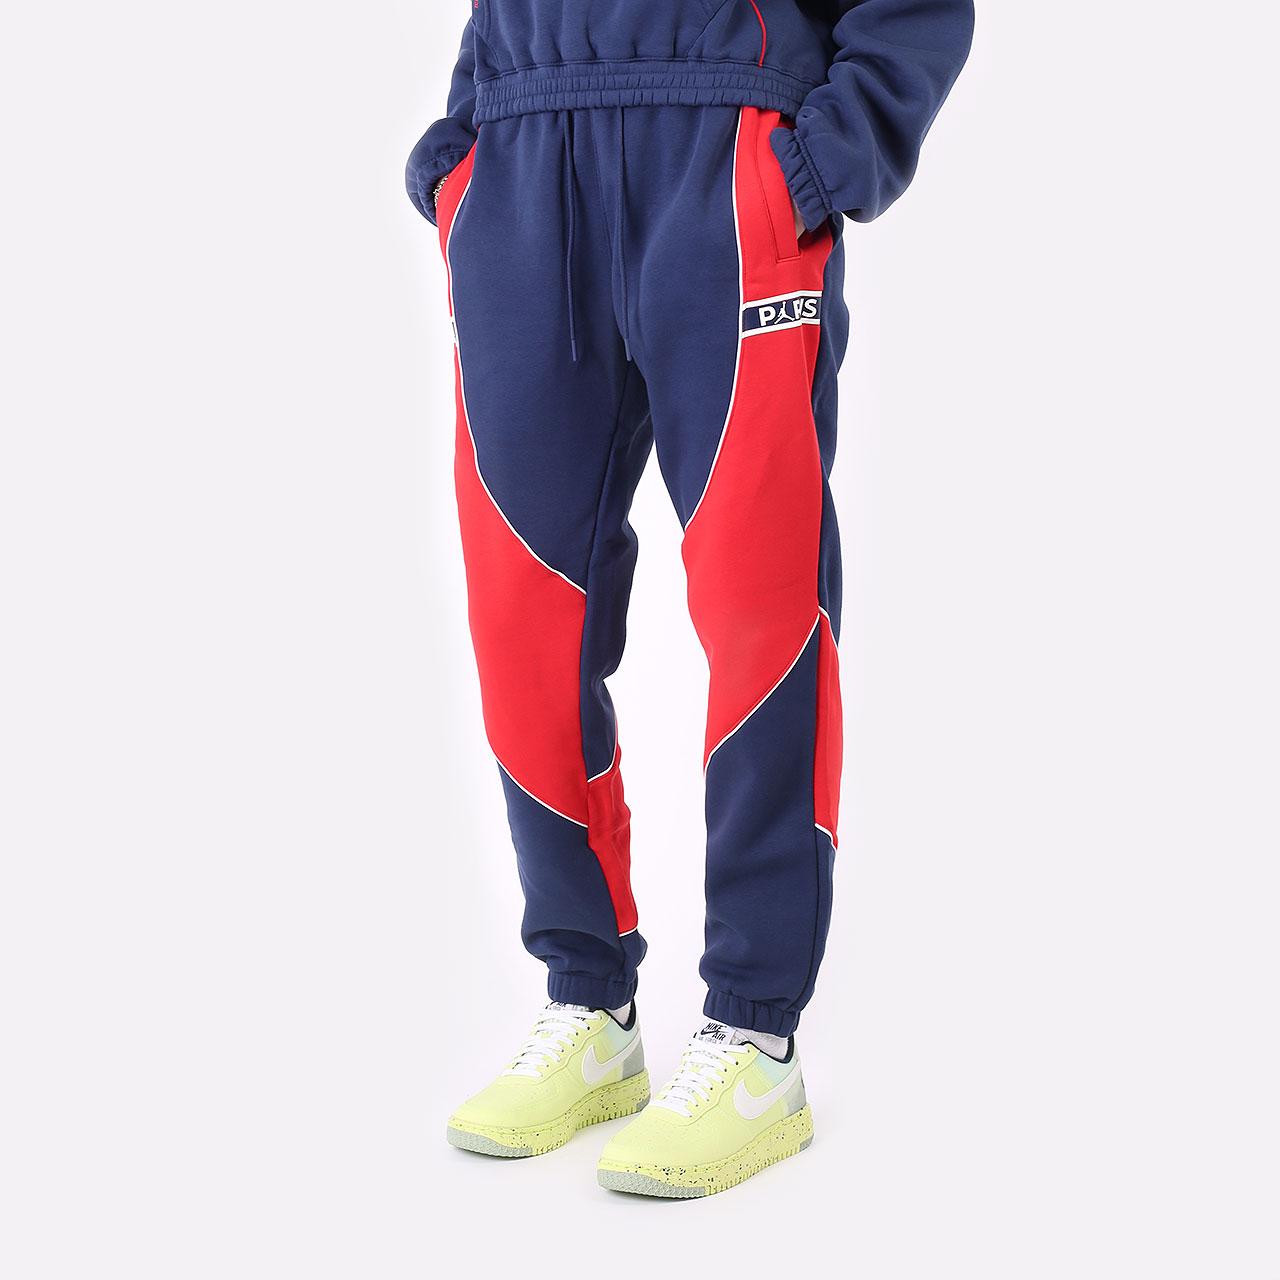 женские синие брюки Jordan Paris Saint-Germain DC0455-410 - цена, описание, фото 1